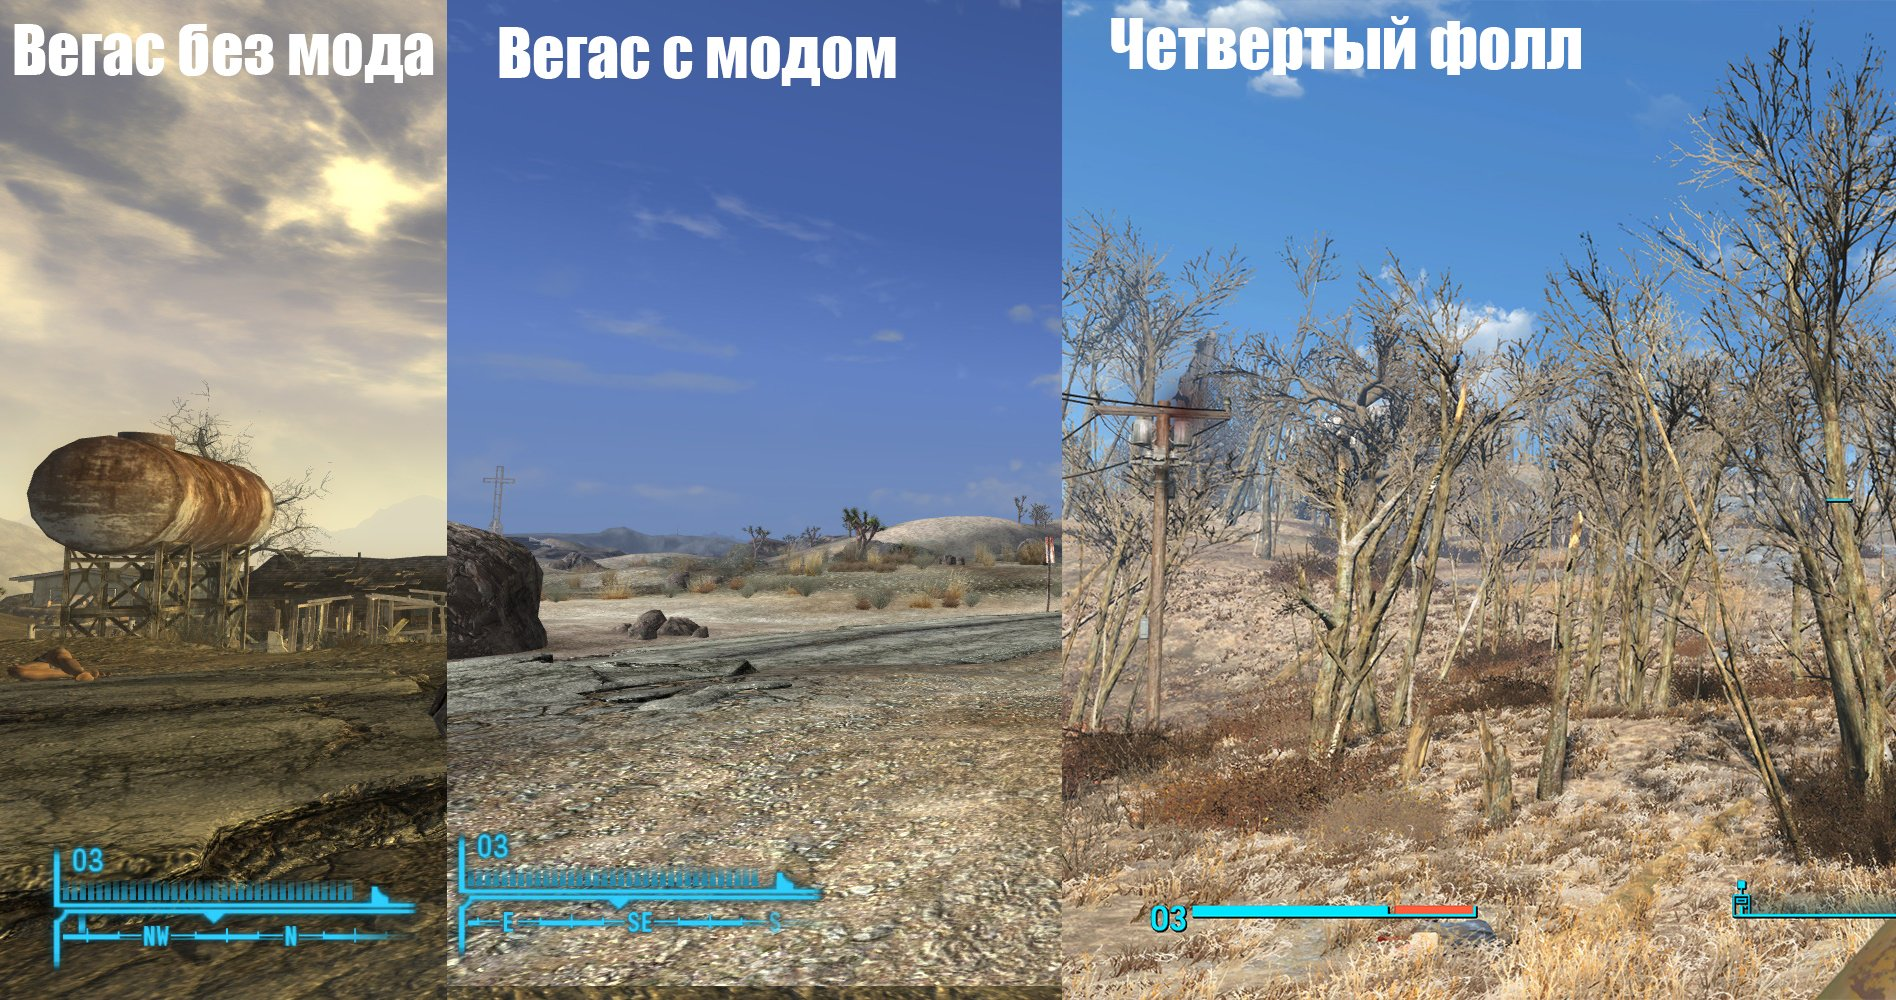 Сравнительный анализ (на самом деле нет) Fallout New Vegas vs. Fallout 4 (часть 1). - Изображение 2